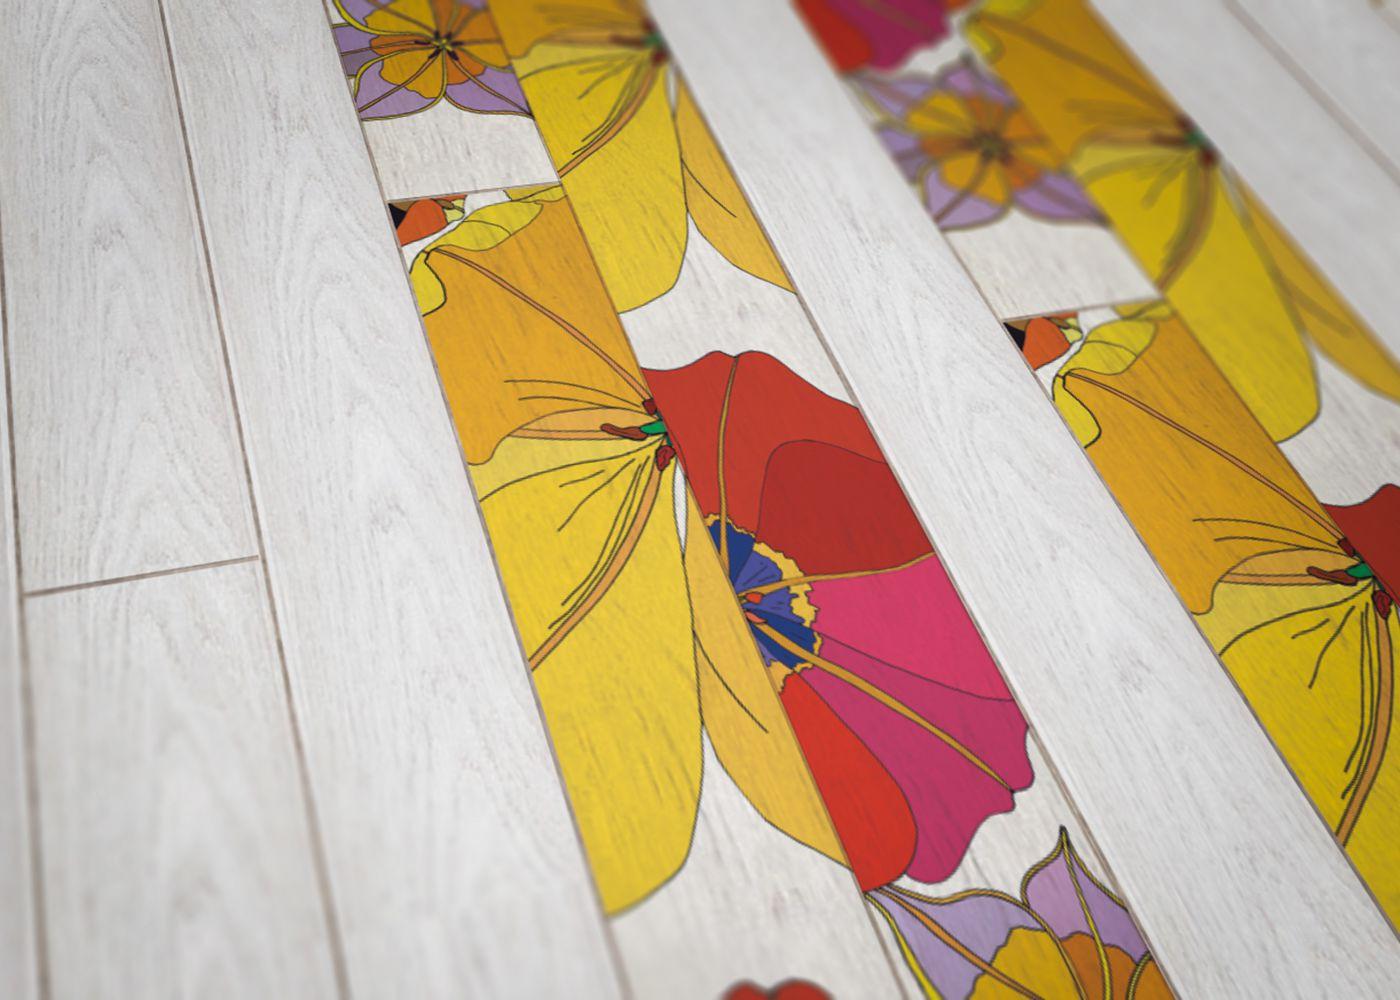 Parquet Contrecollé Monolame Chêne G4 PR Bis Contemporain Vernis Brossé Mat Teinte Blanche (sw)- Design Tulipae Gemini 2 (van Der Hist )- Pefc - Fsc 13x150x1500